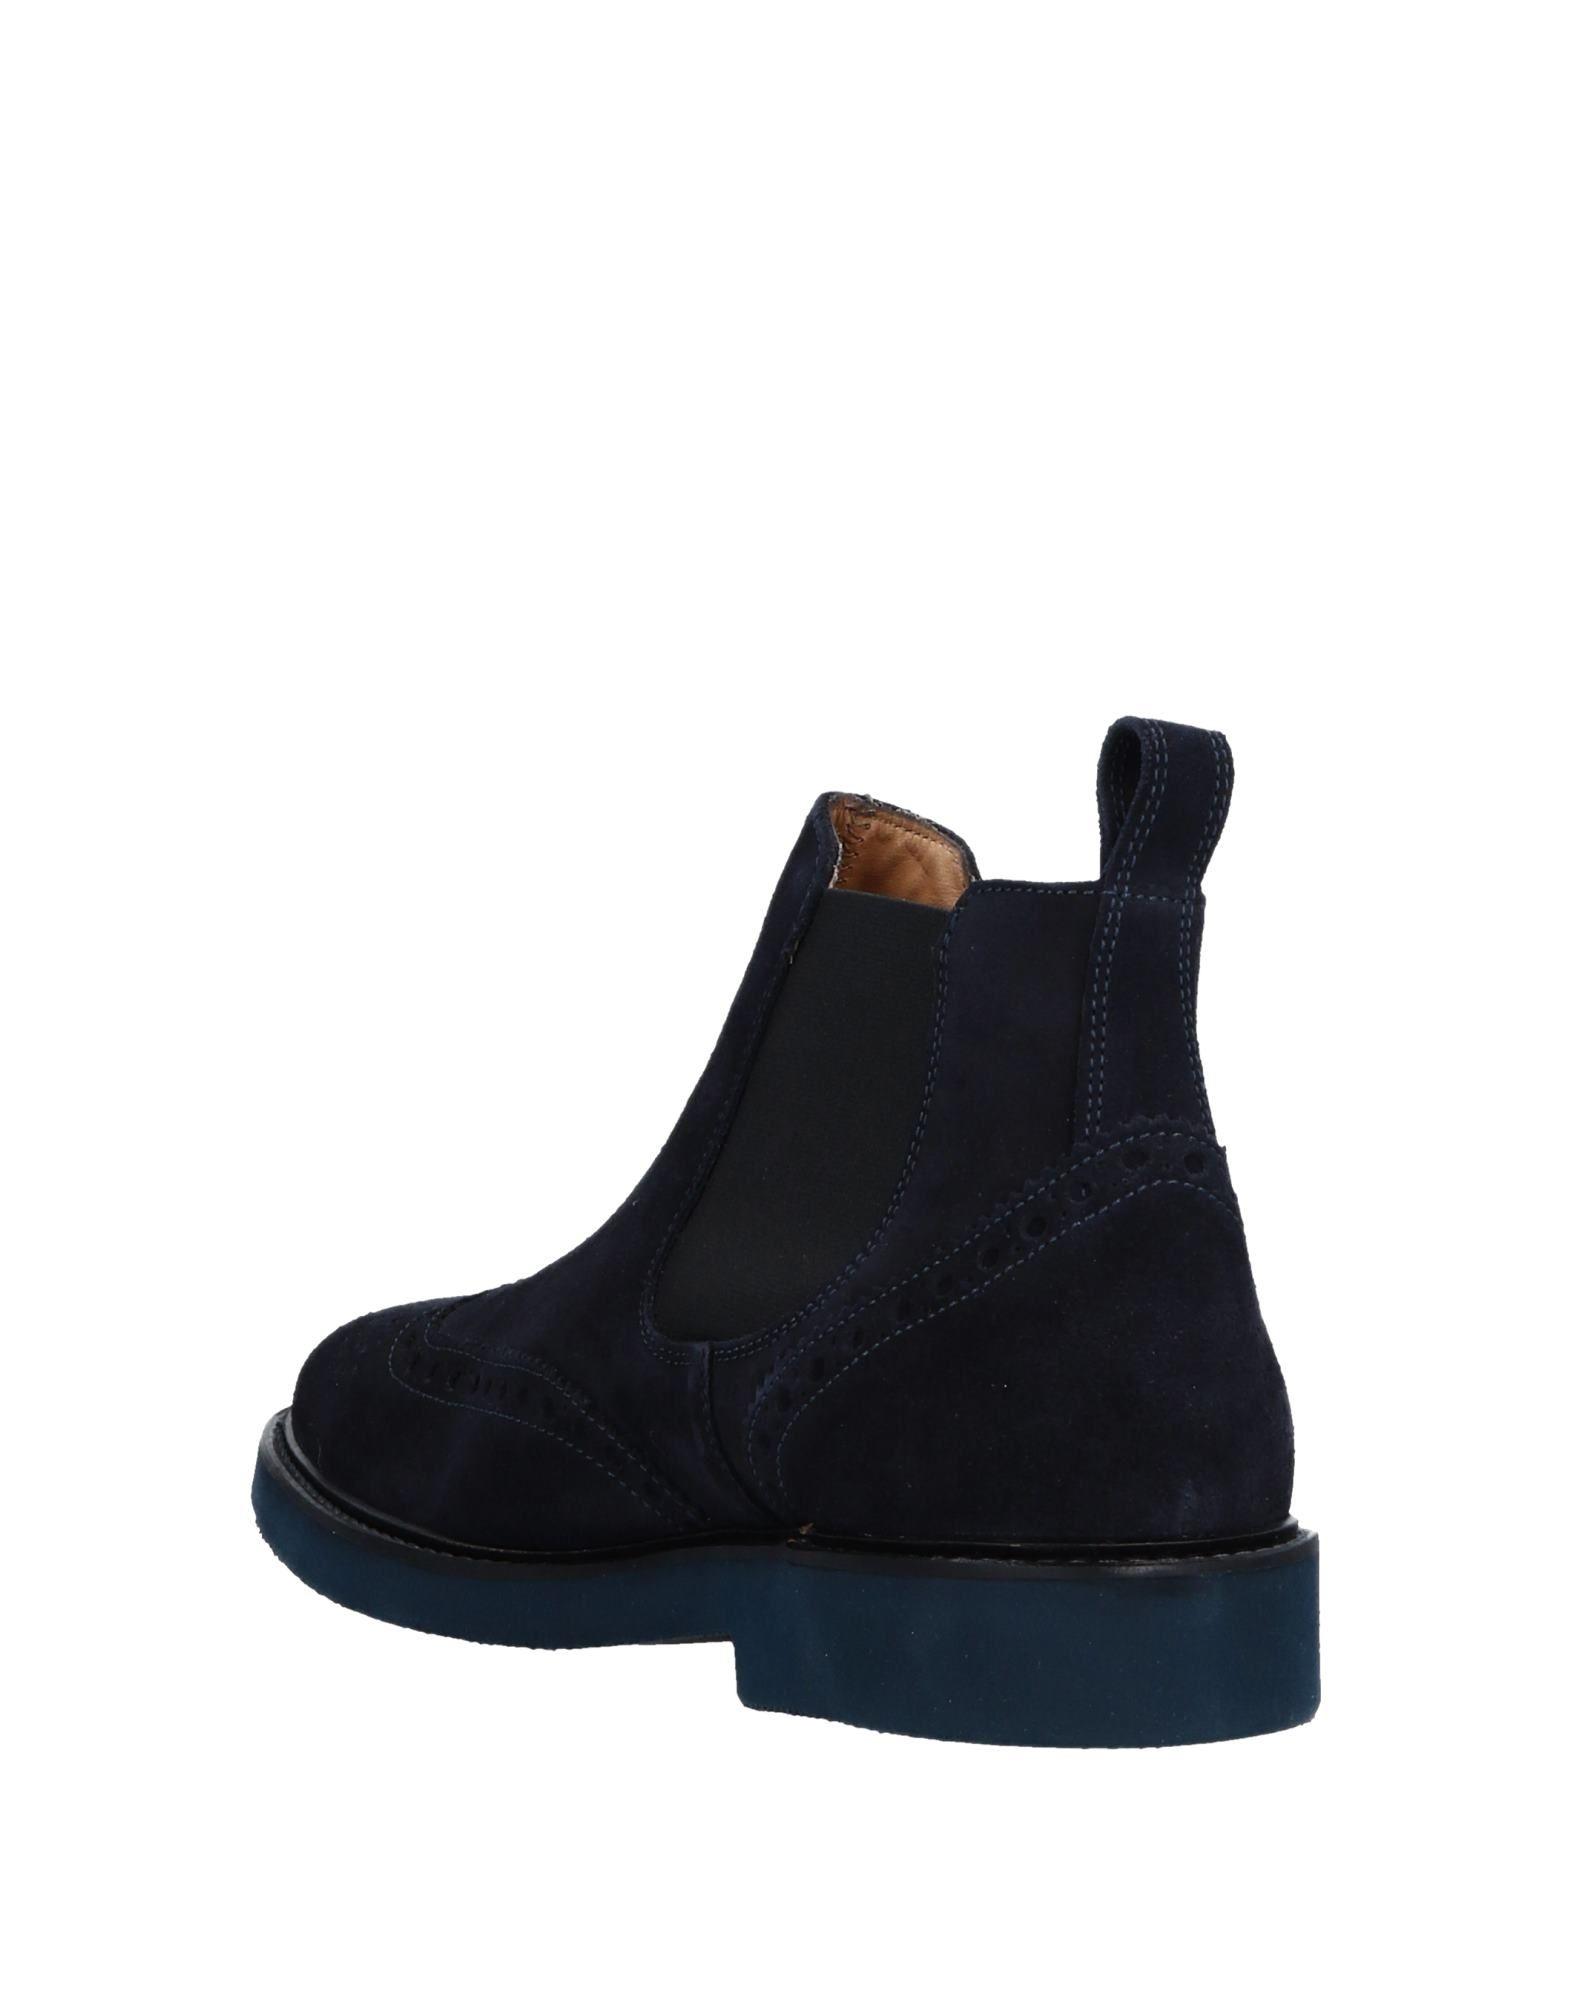 Rabatt echte  Schuhe Anderson Stiefelette Herren  echte 11521587AD 76c1f2